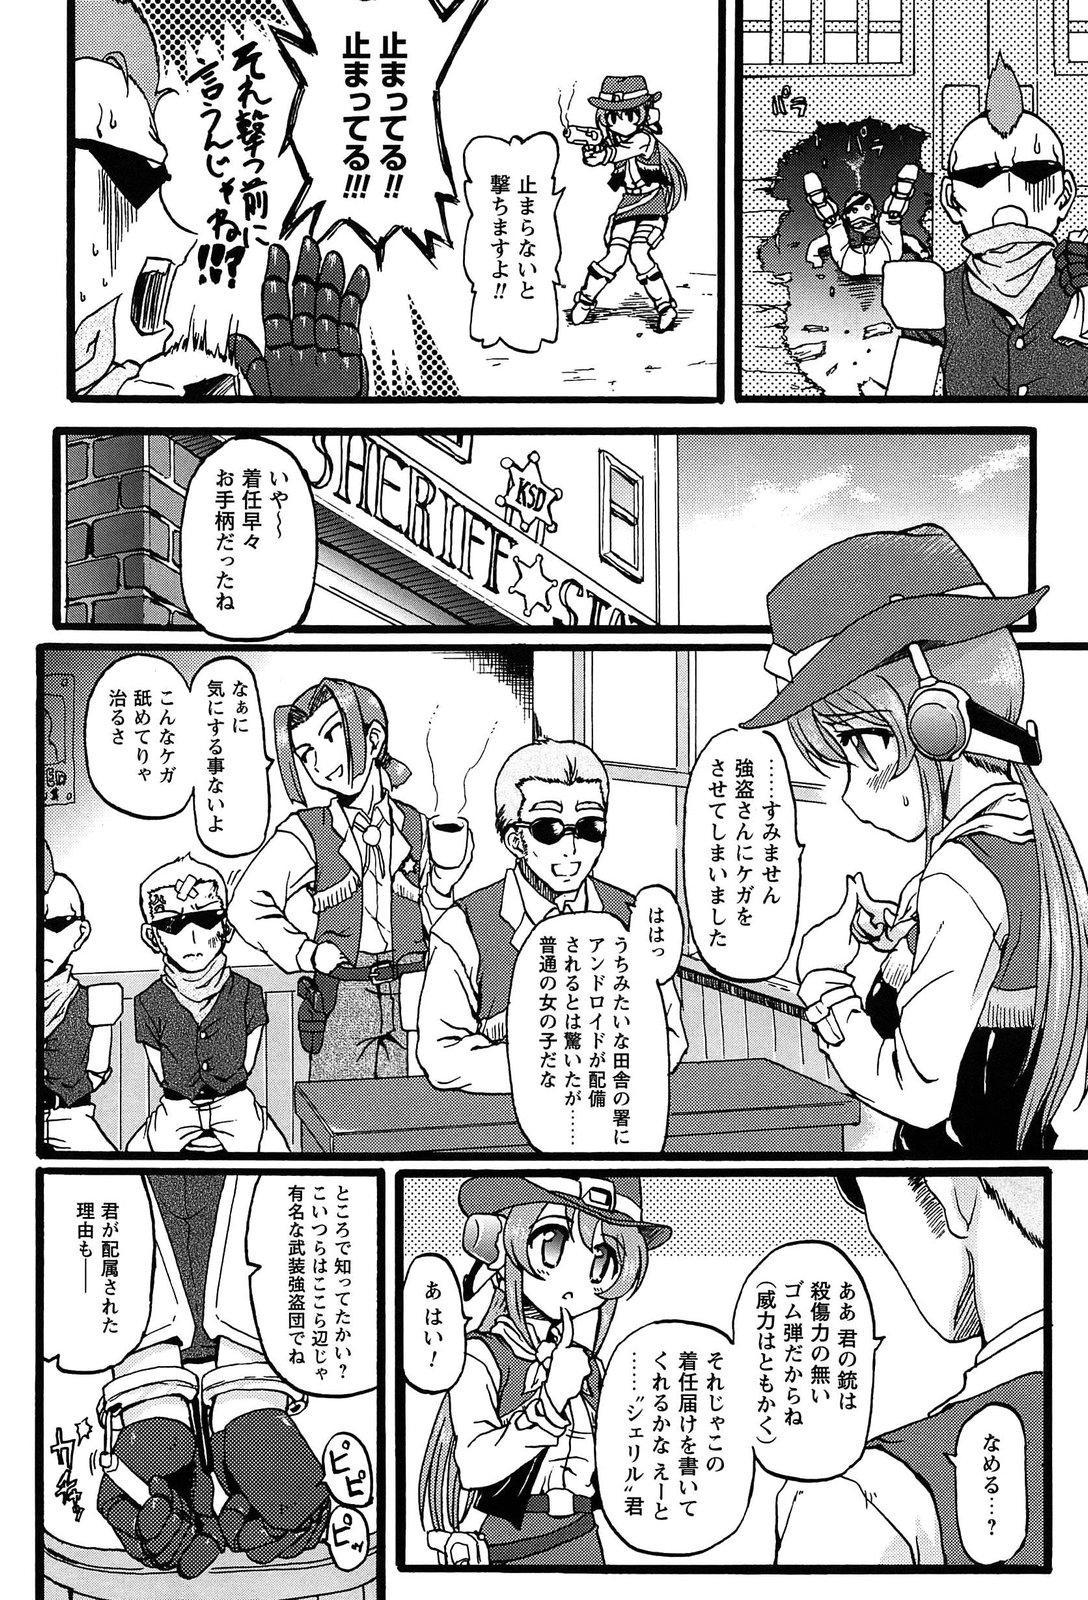 Eroge o Tsukurou! Genteiban - Let's develop the adult game together 179